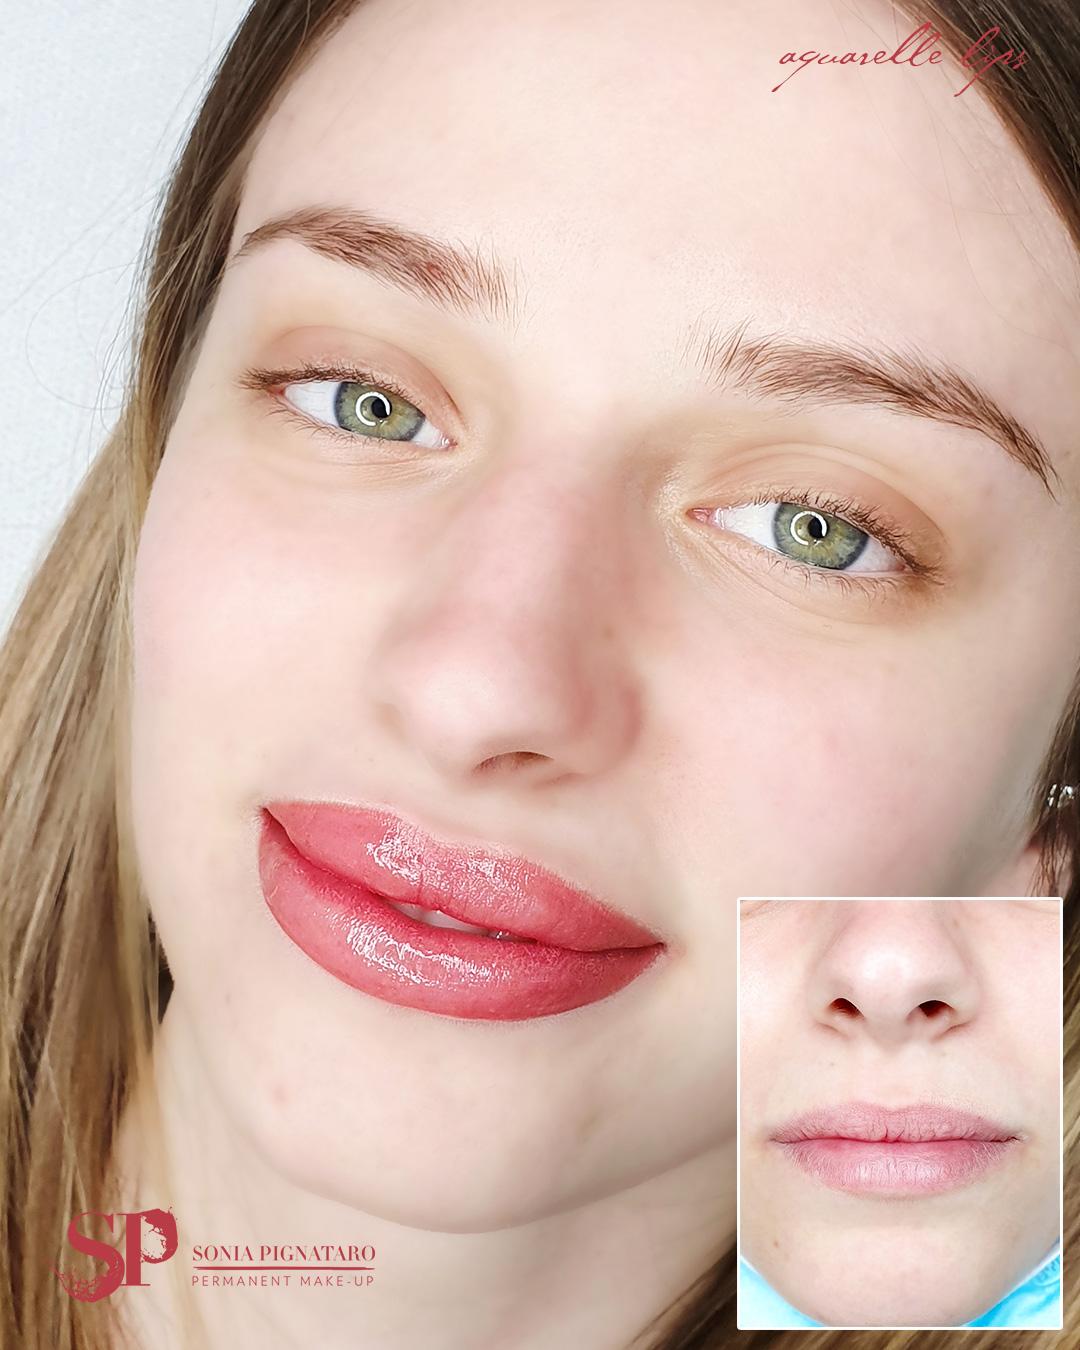 come ho rimodellato le labbra con il trucco semipermanente